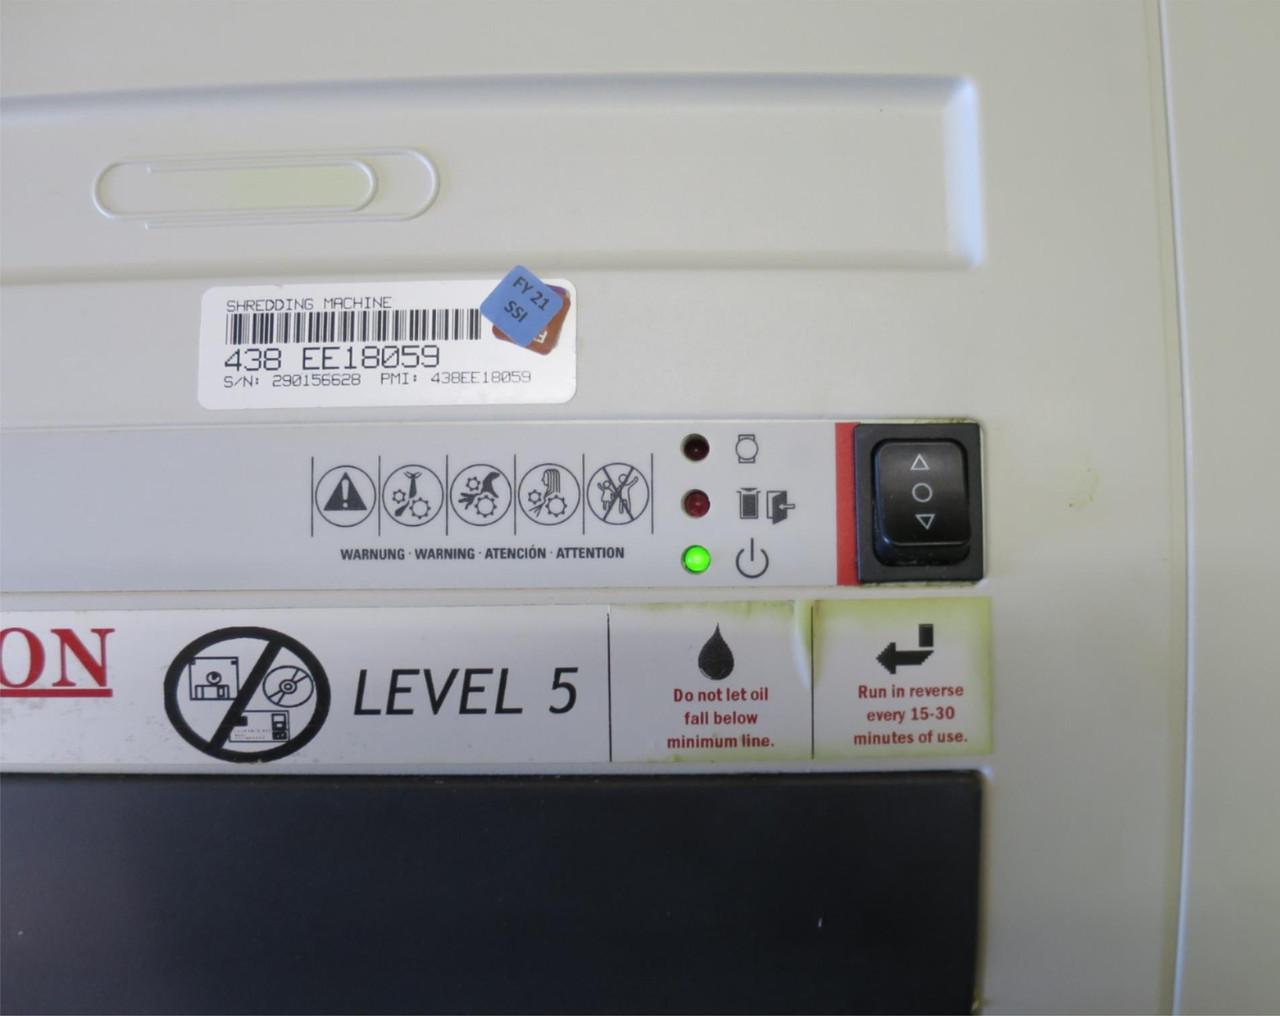 #2 Level 5 High Security Shredder (paper only) HSM 125.2